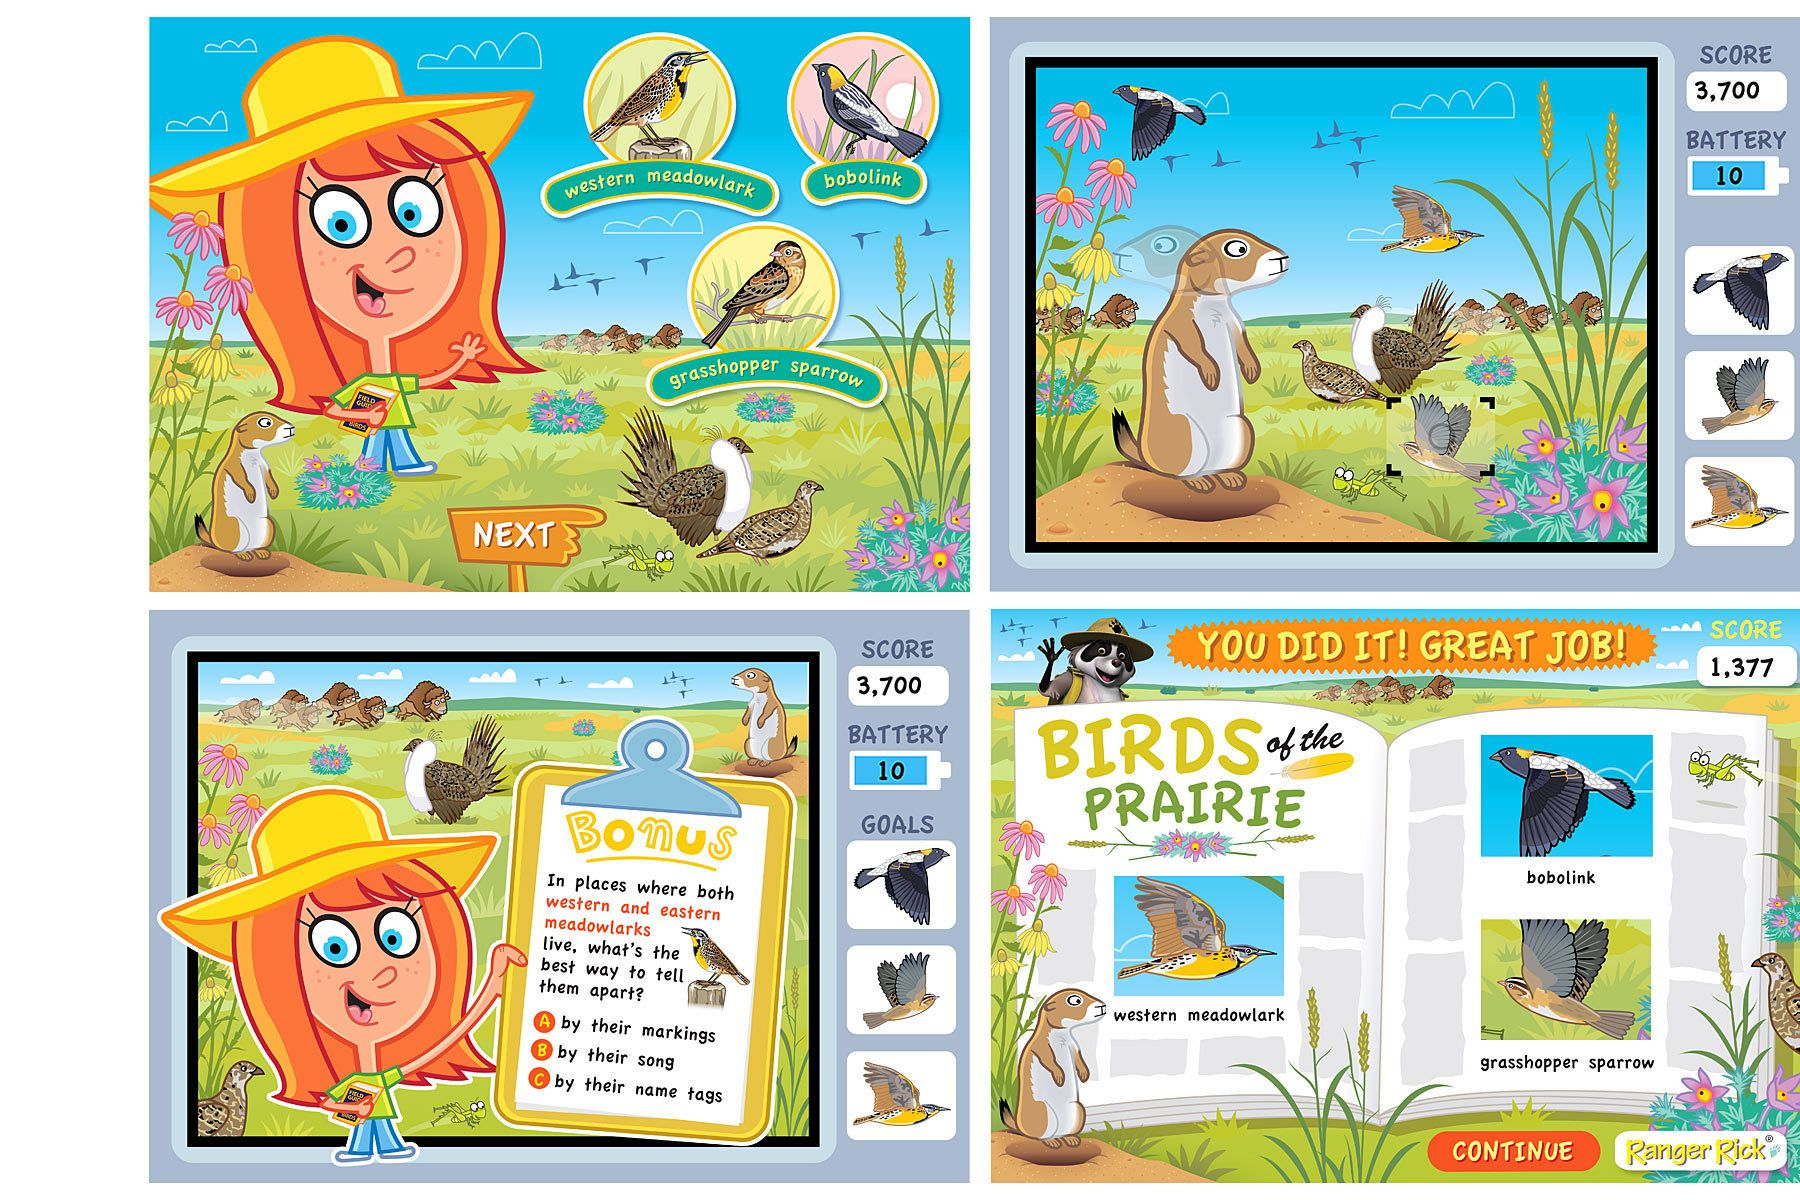 Click the Birdie - Prairie Habitat